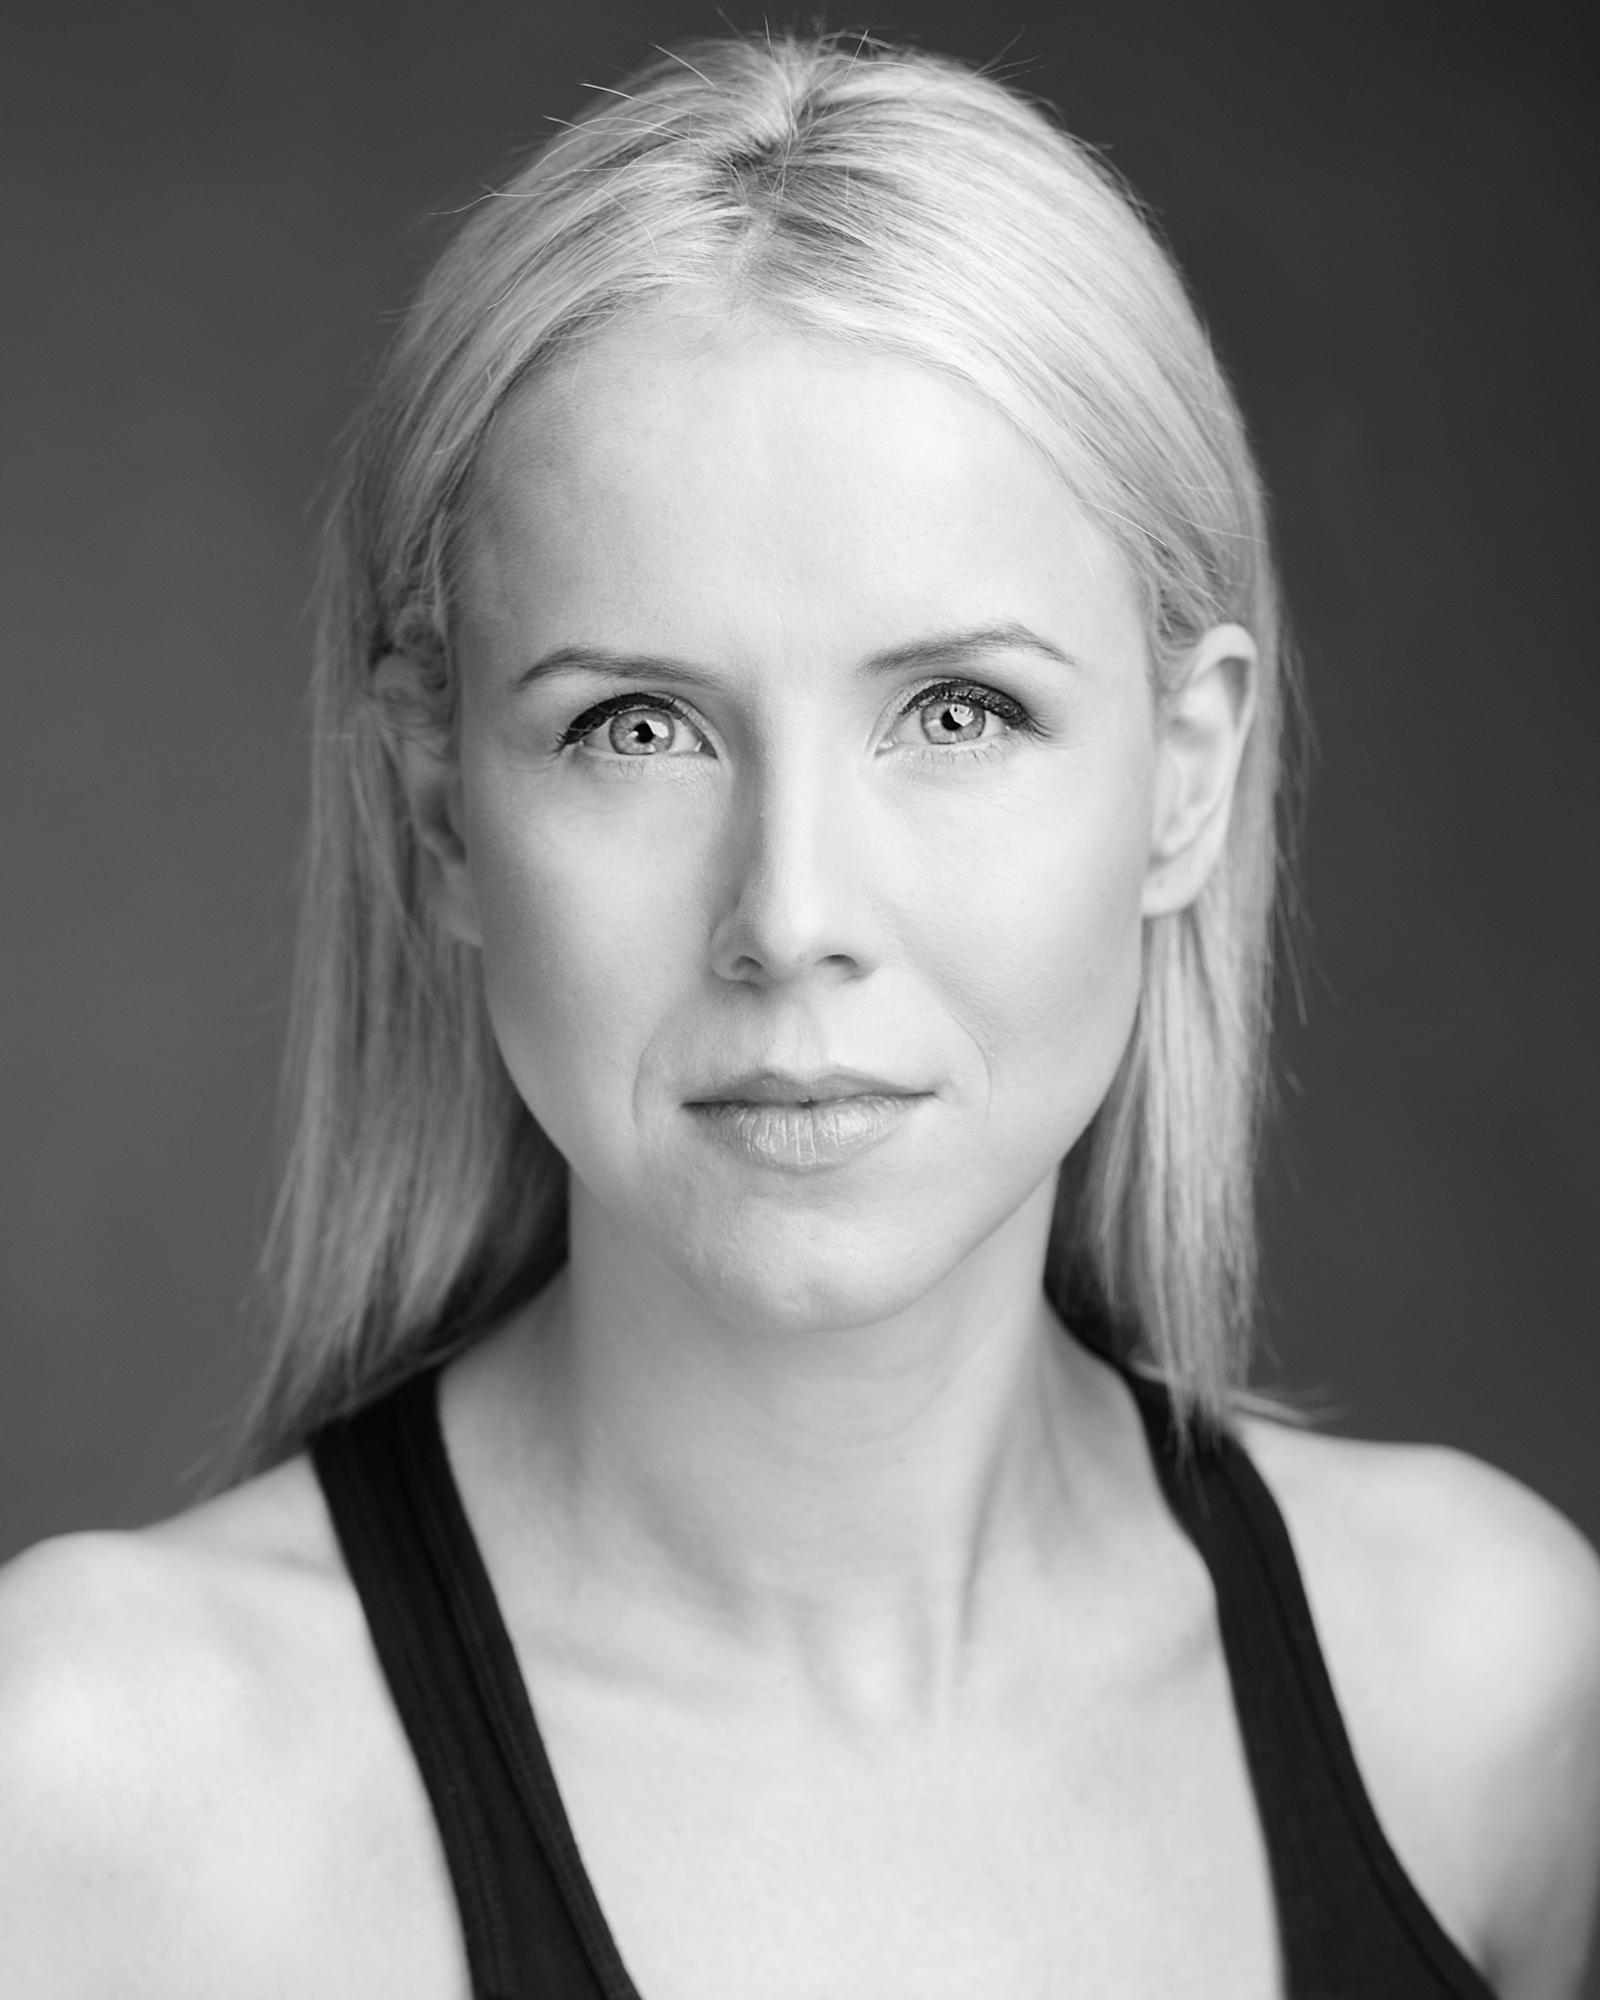 Lisa Hensley (actress)